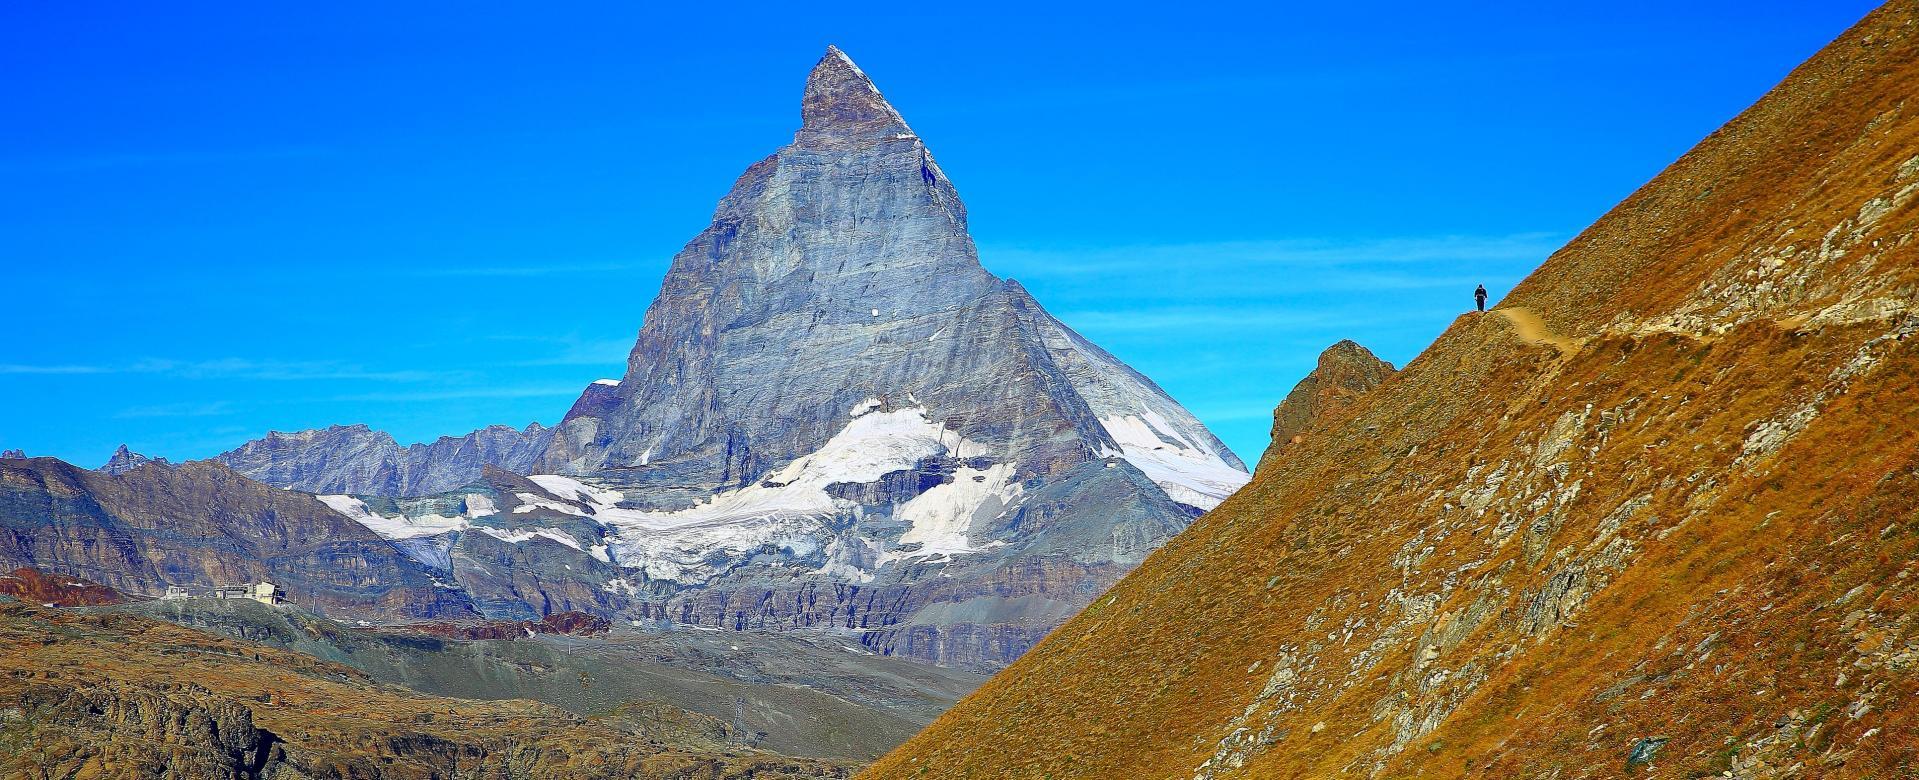 Voyage à pied Suisse : De chamonix à zermatt 7 jours